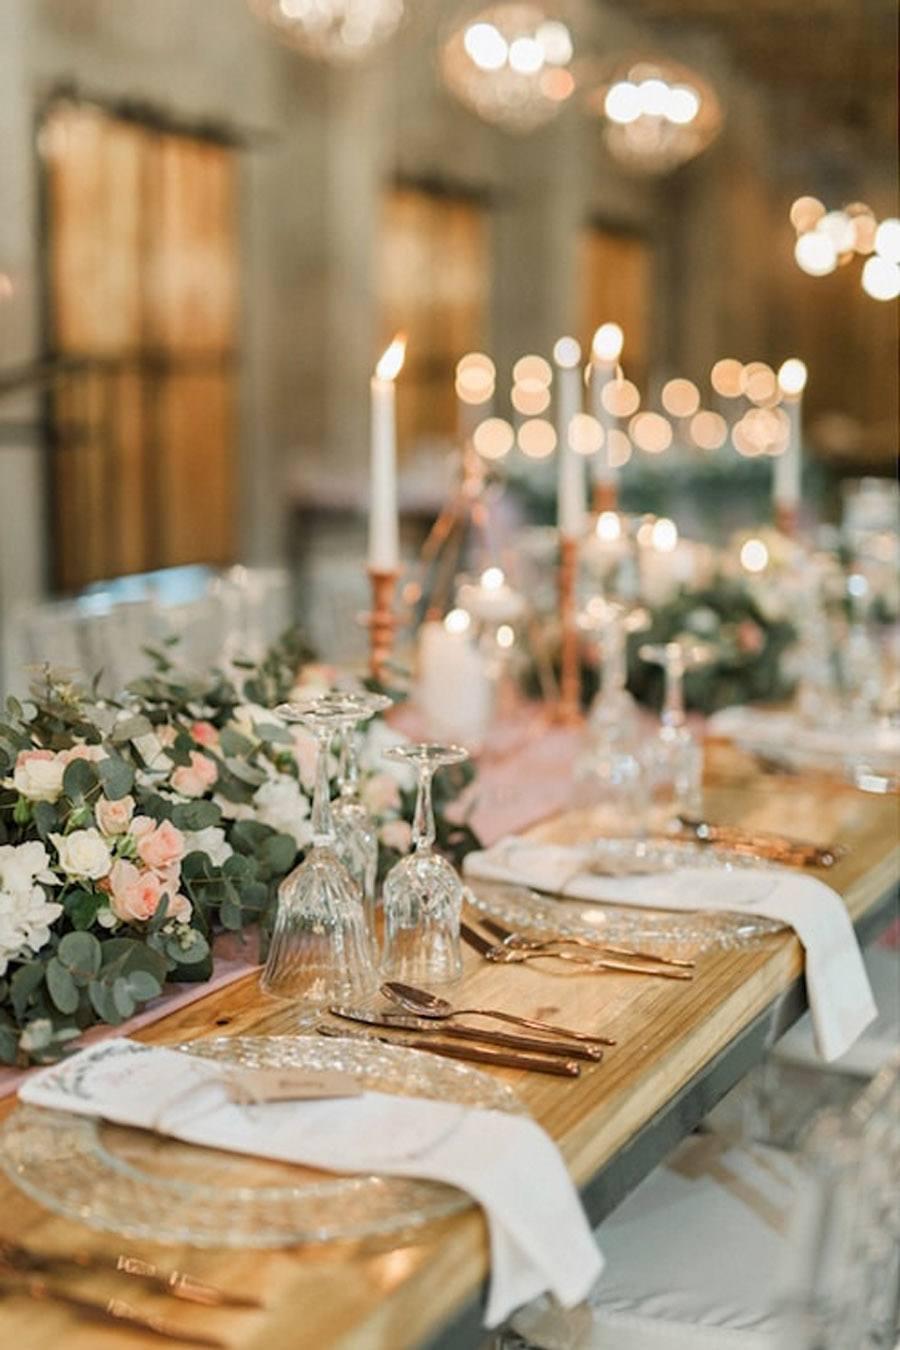 DECORACIÓN DE BODA EN ROSA Y ORO deco-boda-rosa-y-oro